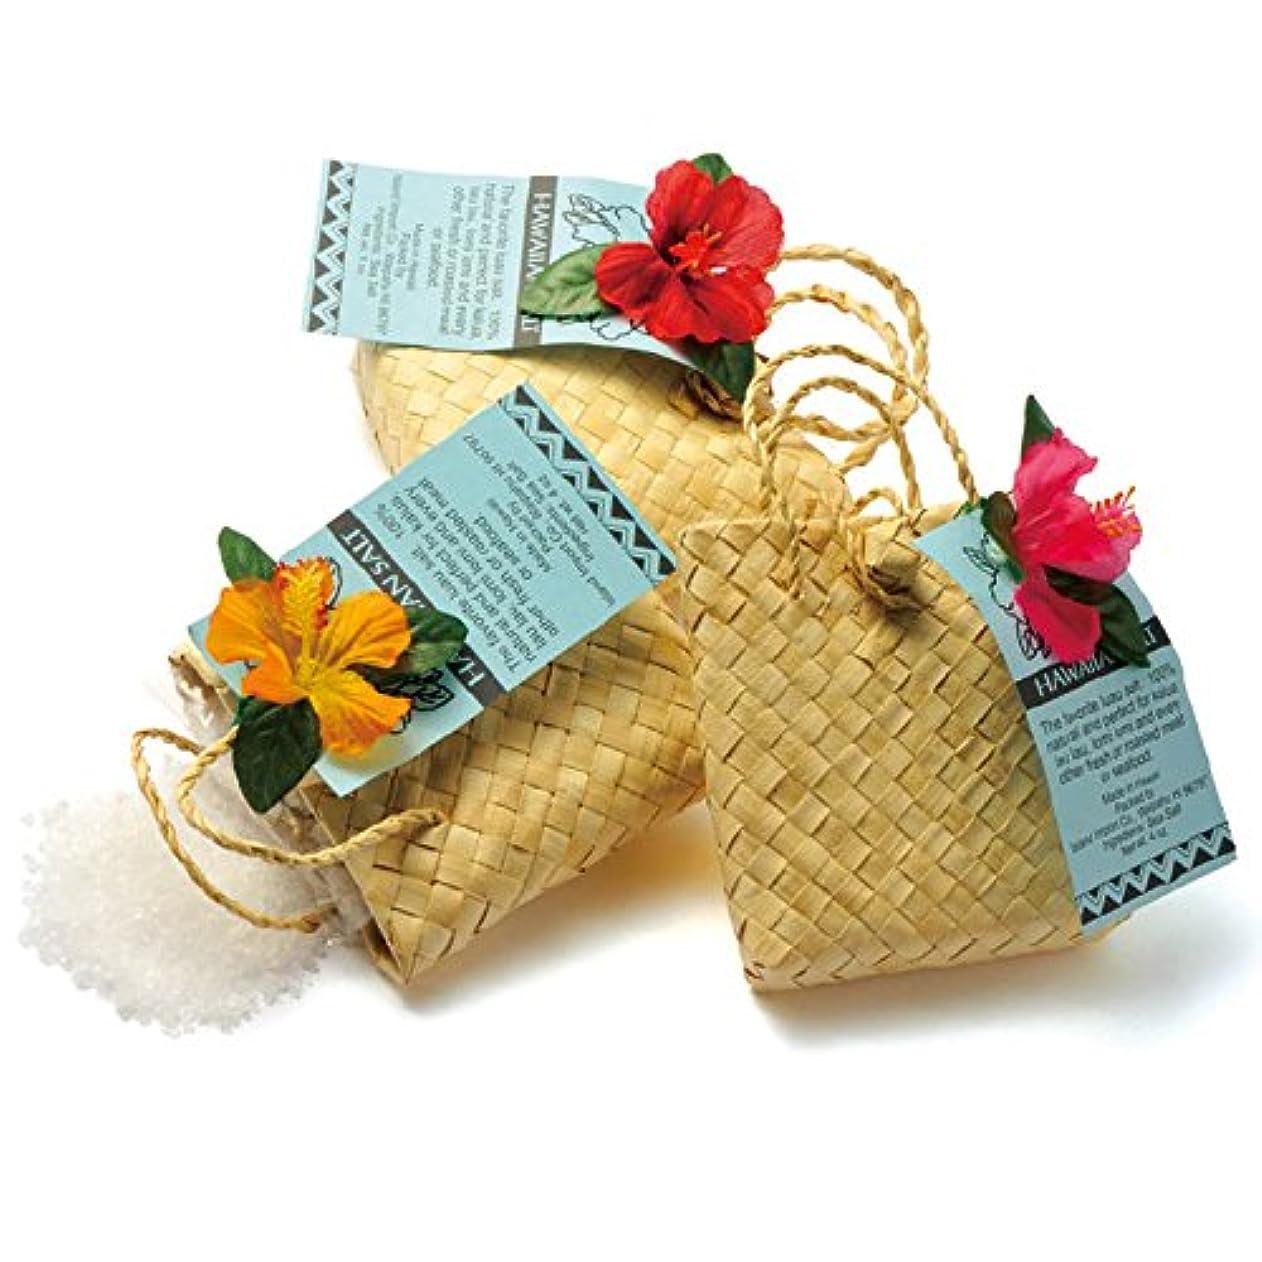 発信ヒップコールハワイ 土産 ハワイ ソルトバッグ入り 3袋セット (海外旅行 ハワイ お土産)